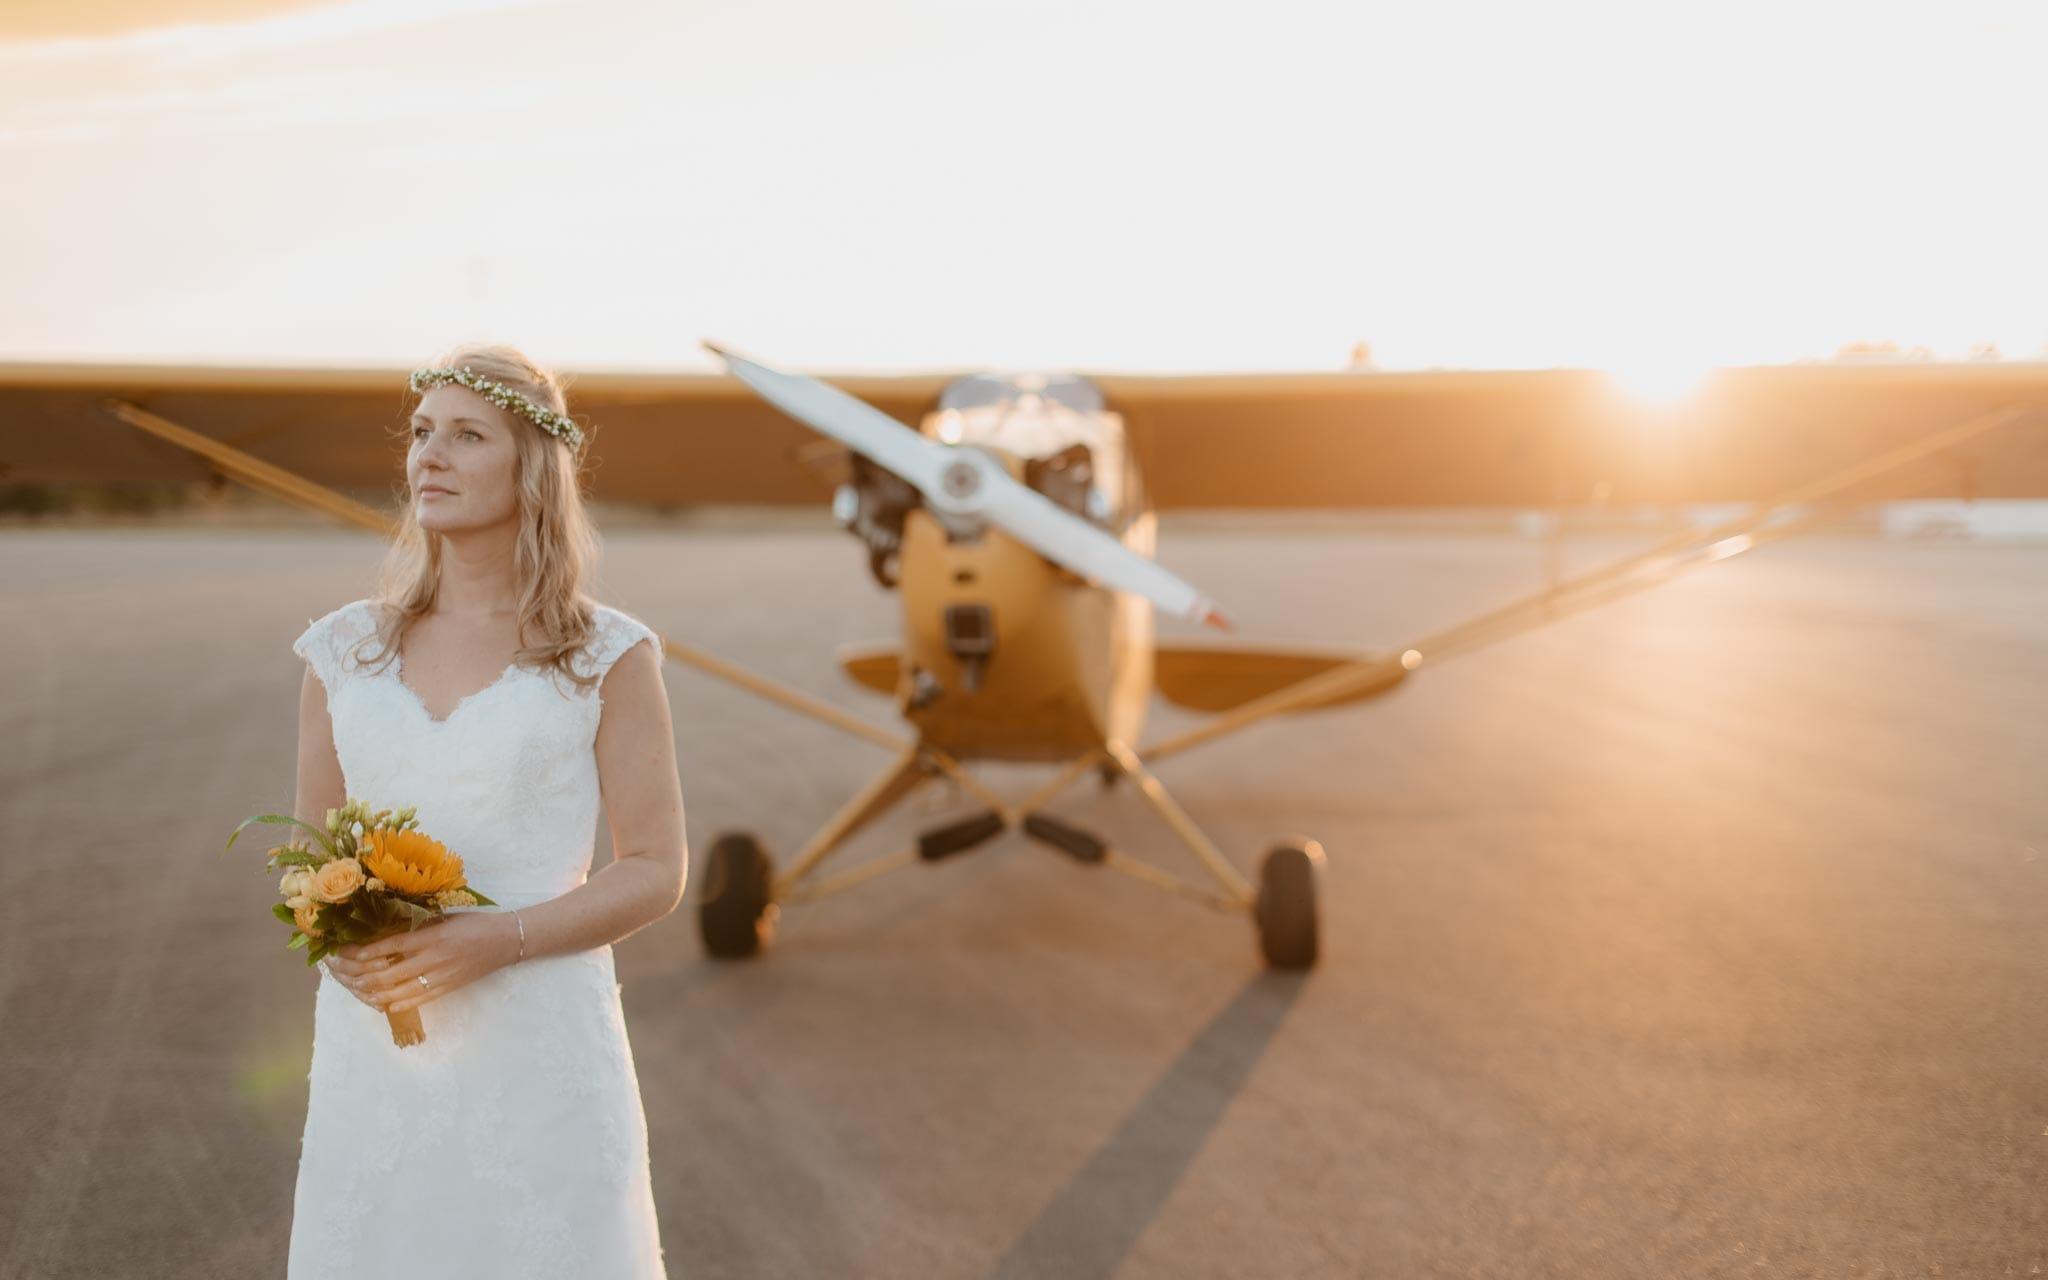 photo d'une mariée devant un avion biplace des années 40 lors d'une séance de couple day-after poétique & romantique sur le thème du voyage à l'aérodrome d'Ancenis par Geoffrey Arnoldy photographe